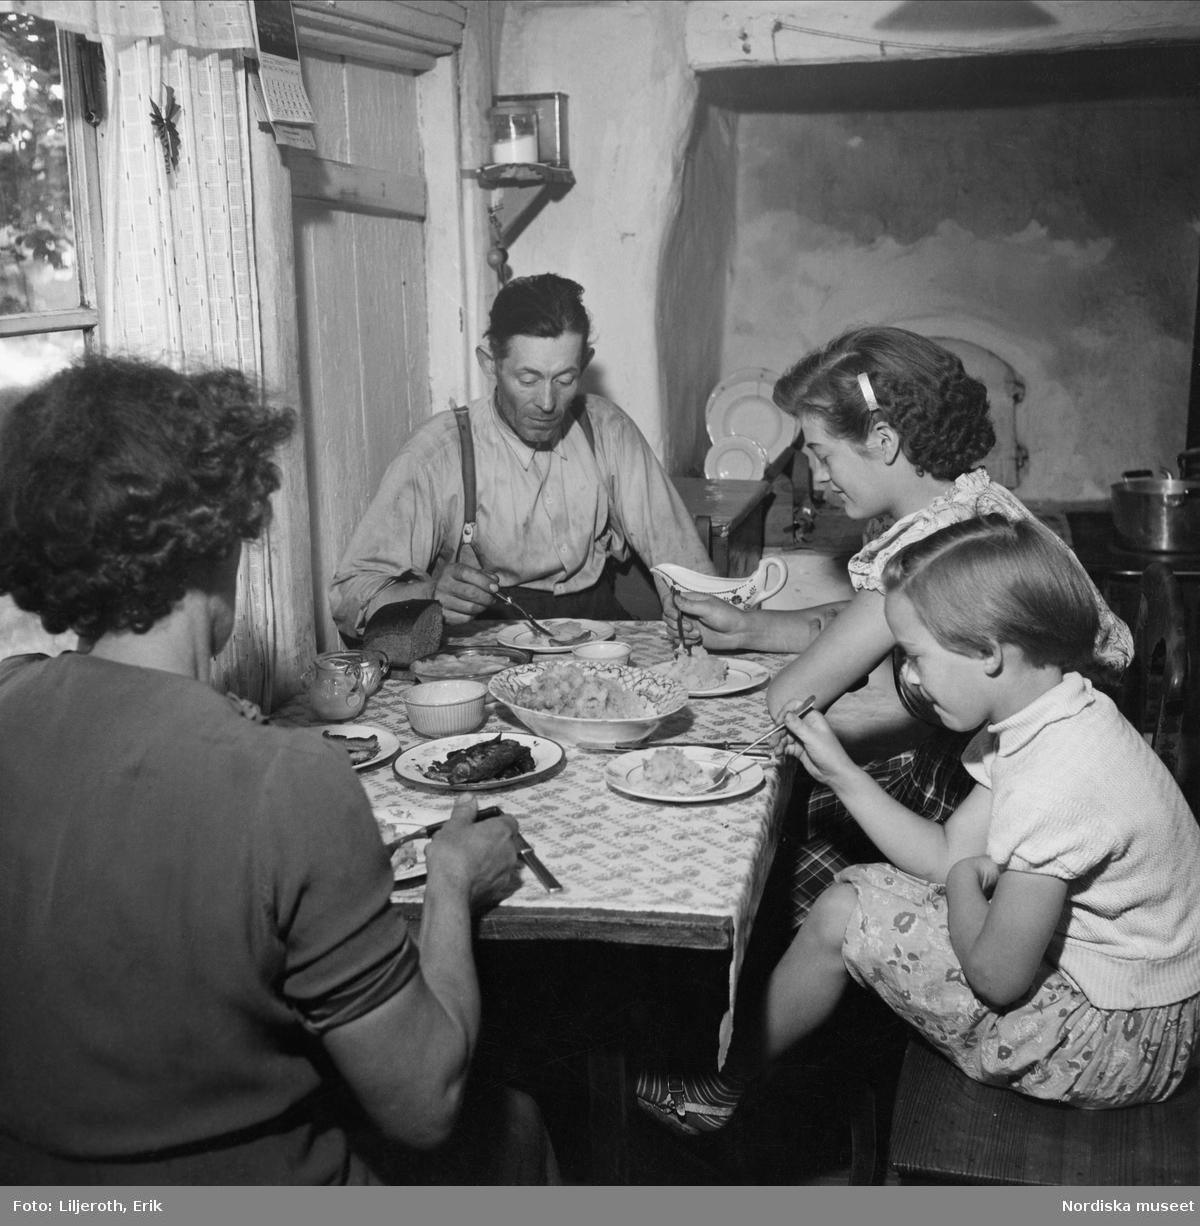 Matdags hos en småbrukare familj